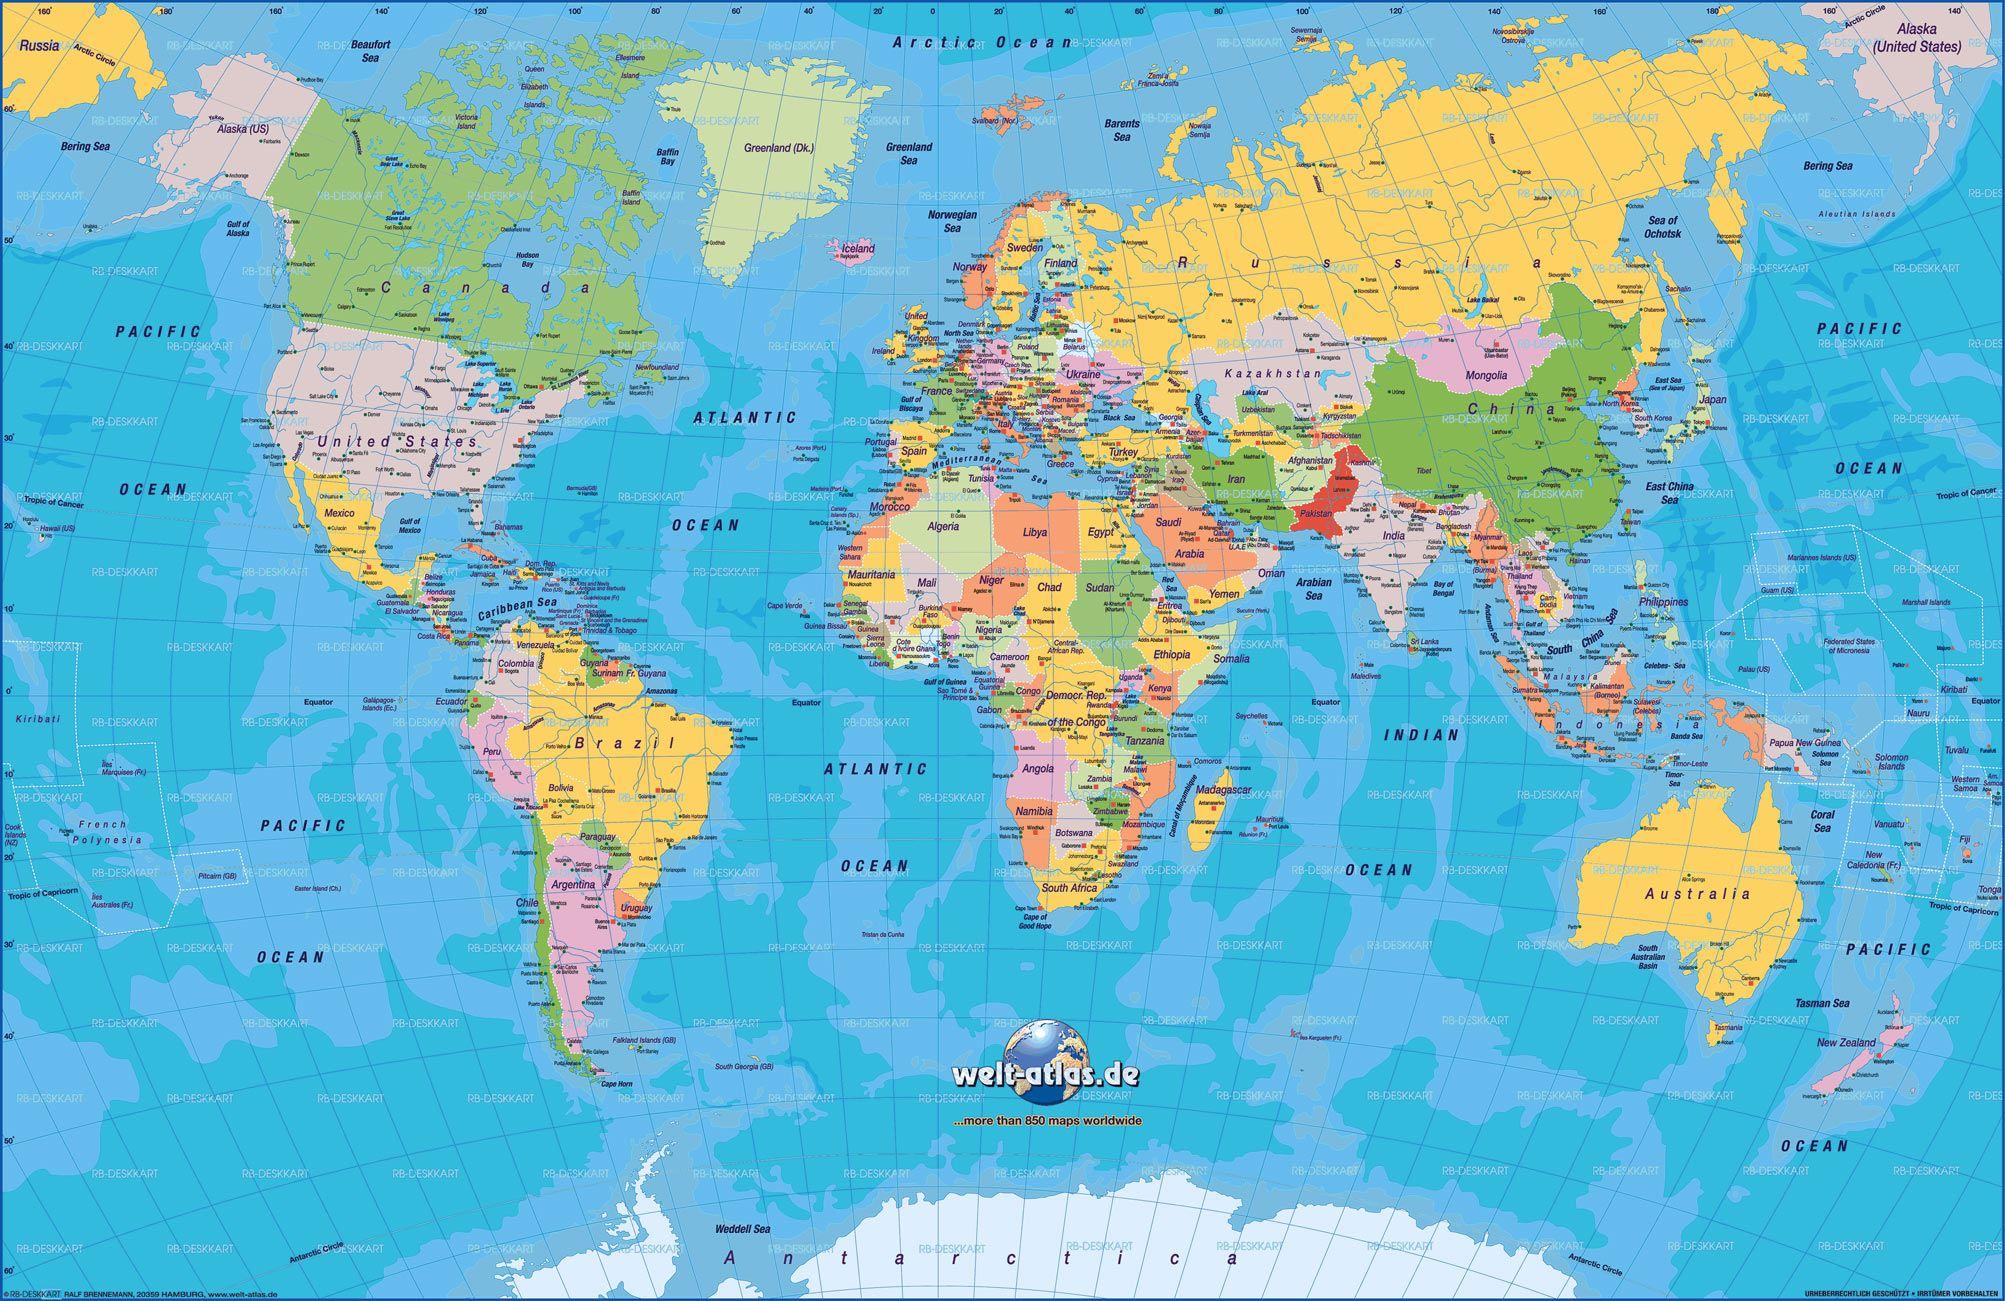 ver mapa mundo inteiro Mapa Múndi: Mapa do Mundo e os Mapas dos Continentes em 2018  ver mapa mundo inteiro